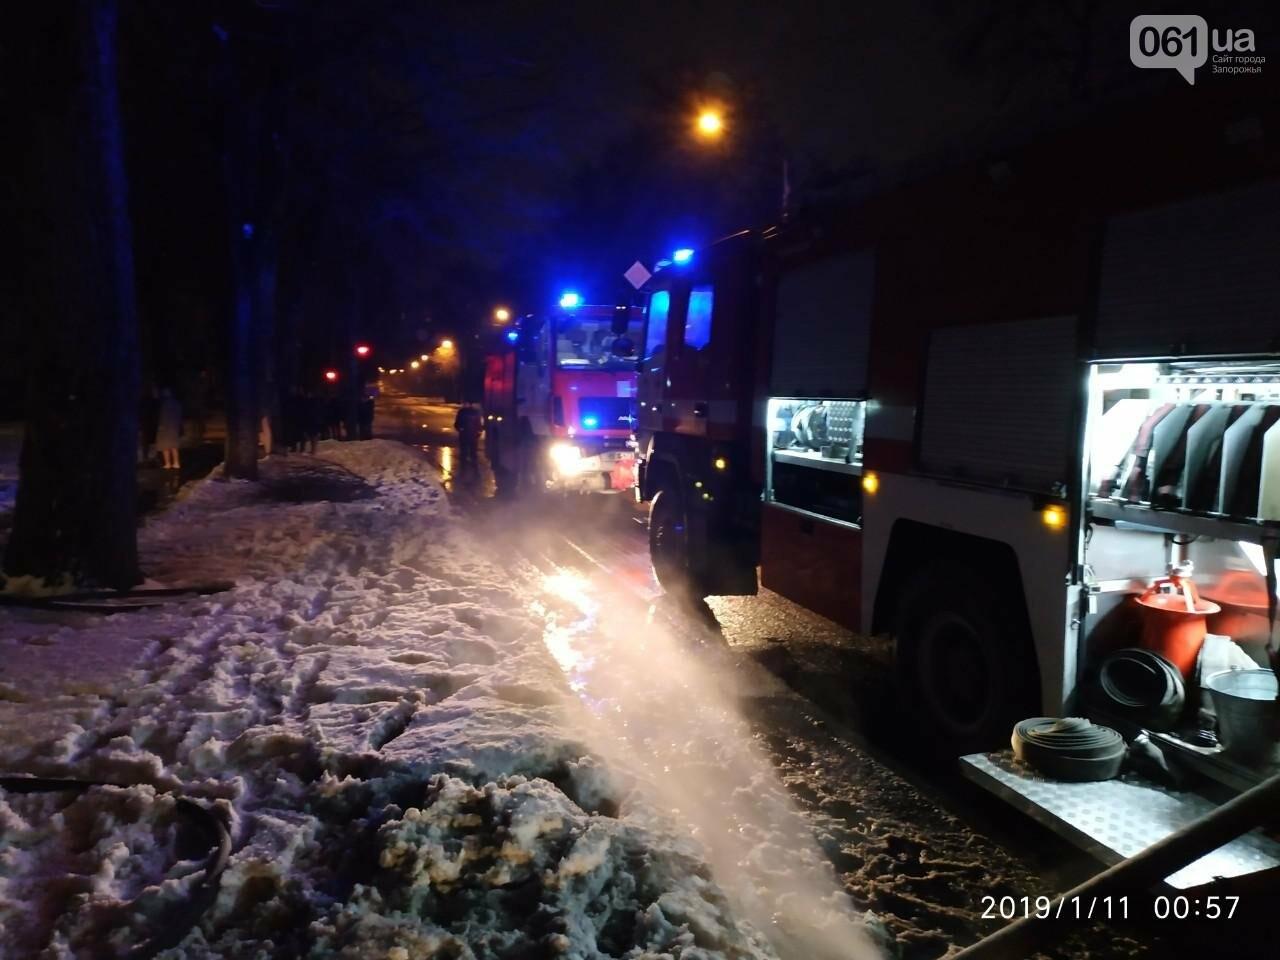 В Запорожье снова горело общежитие - эвакуировали двоих людей, фото-2